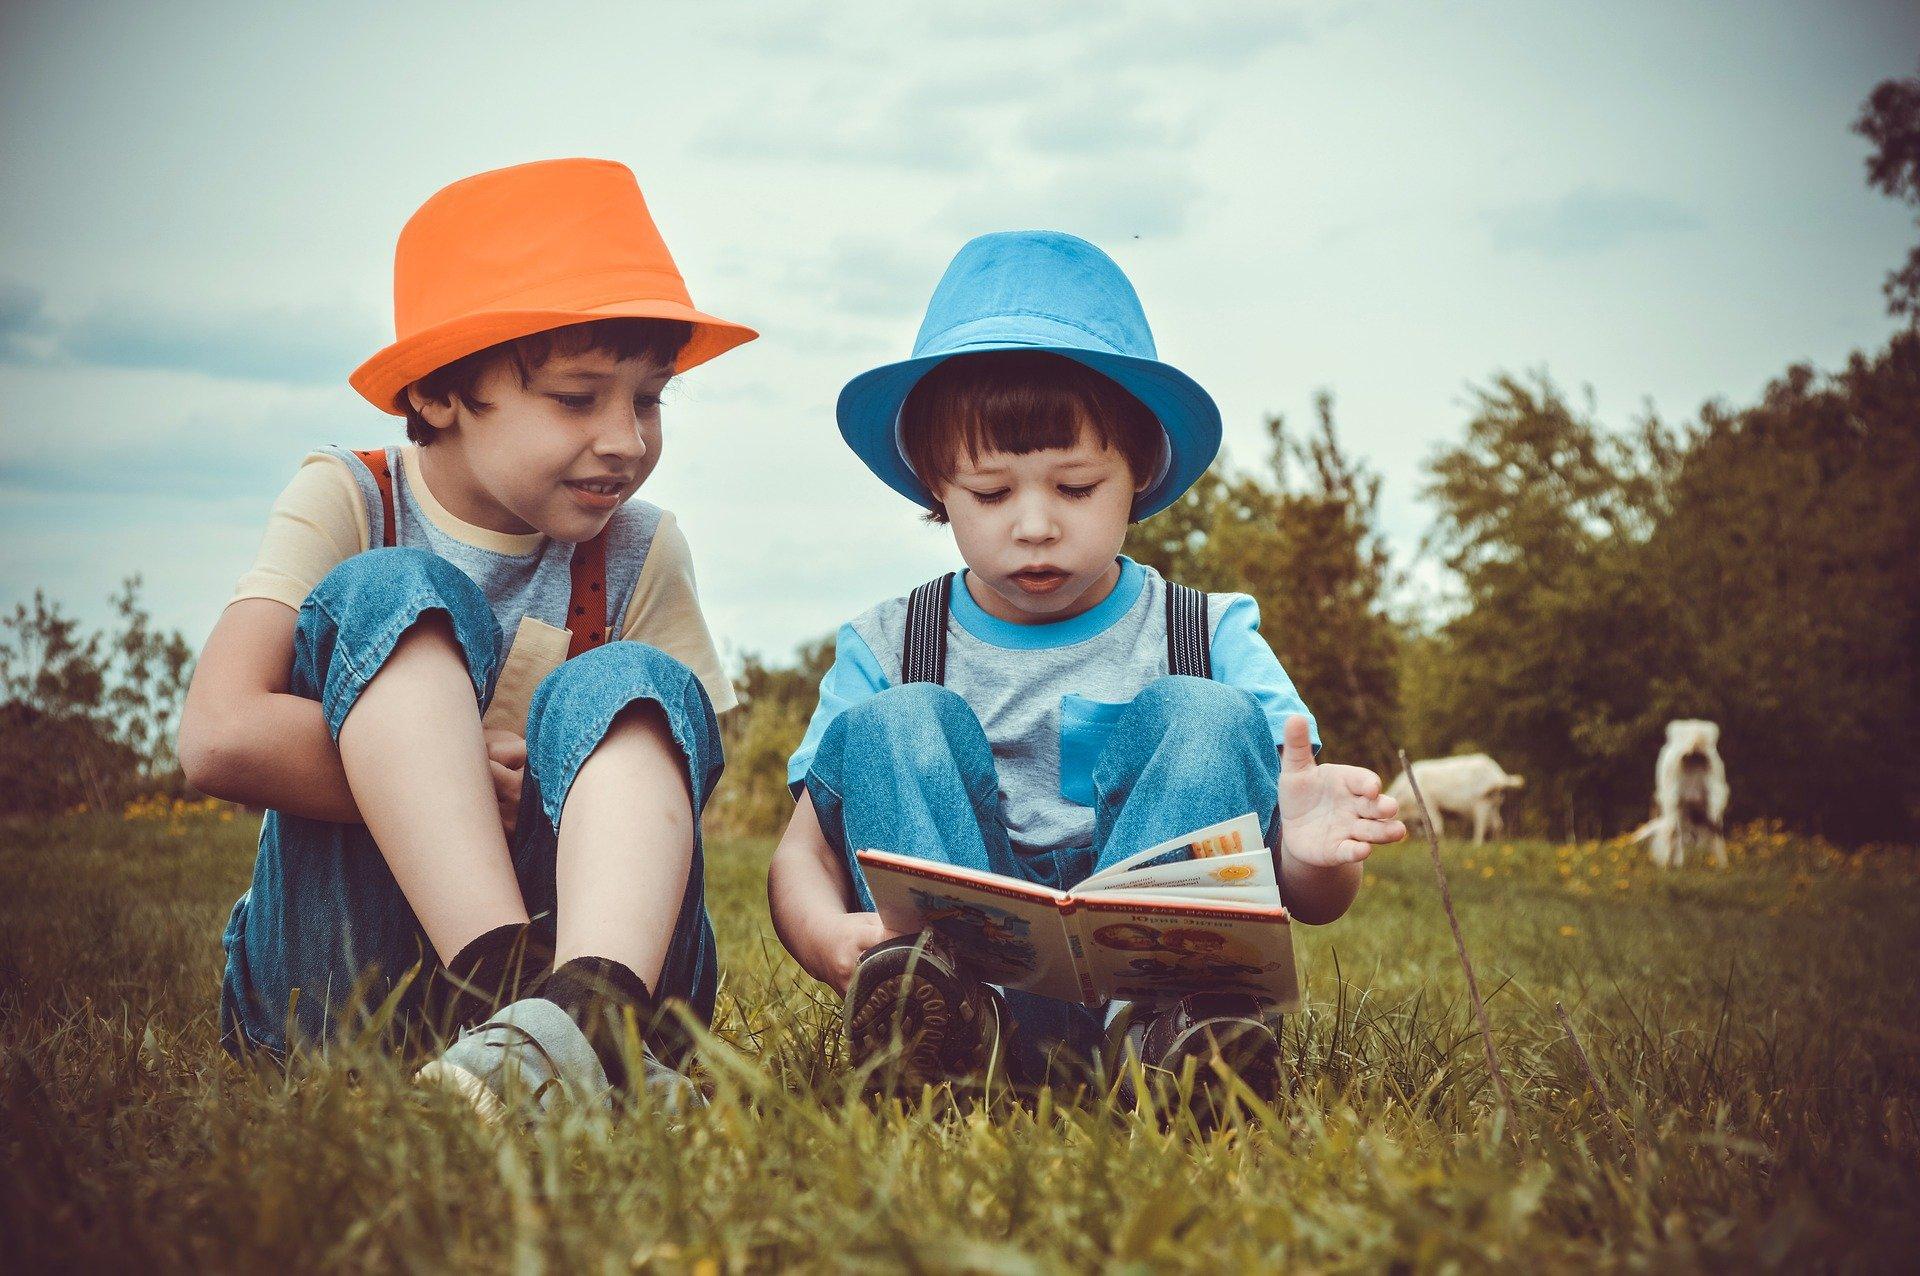 Two kids in a field reading.